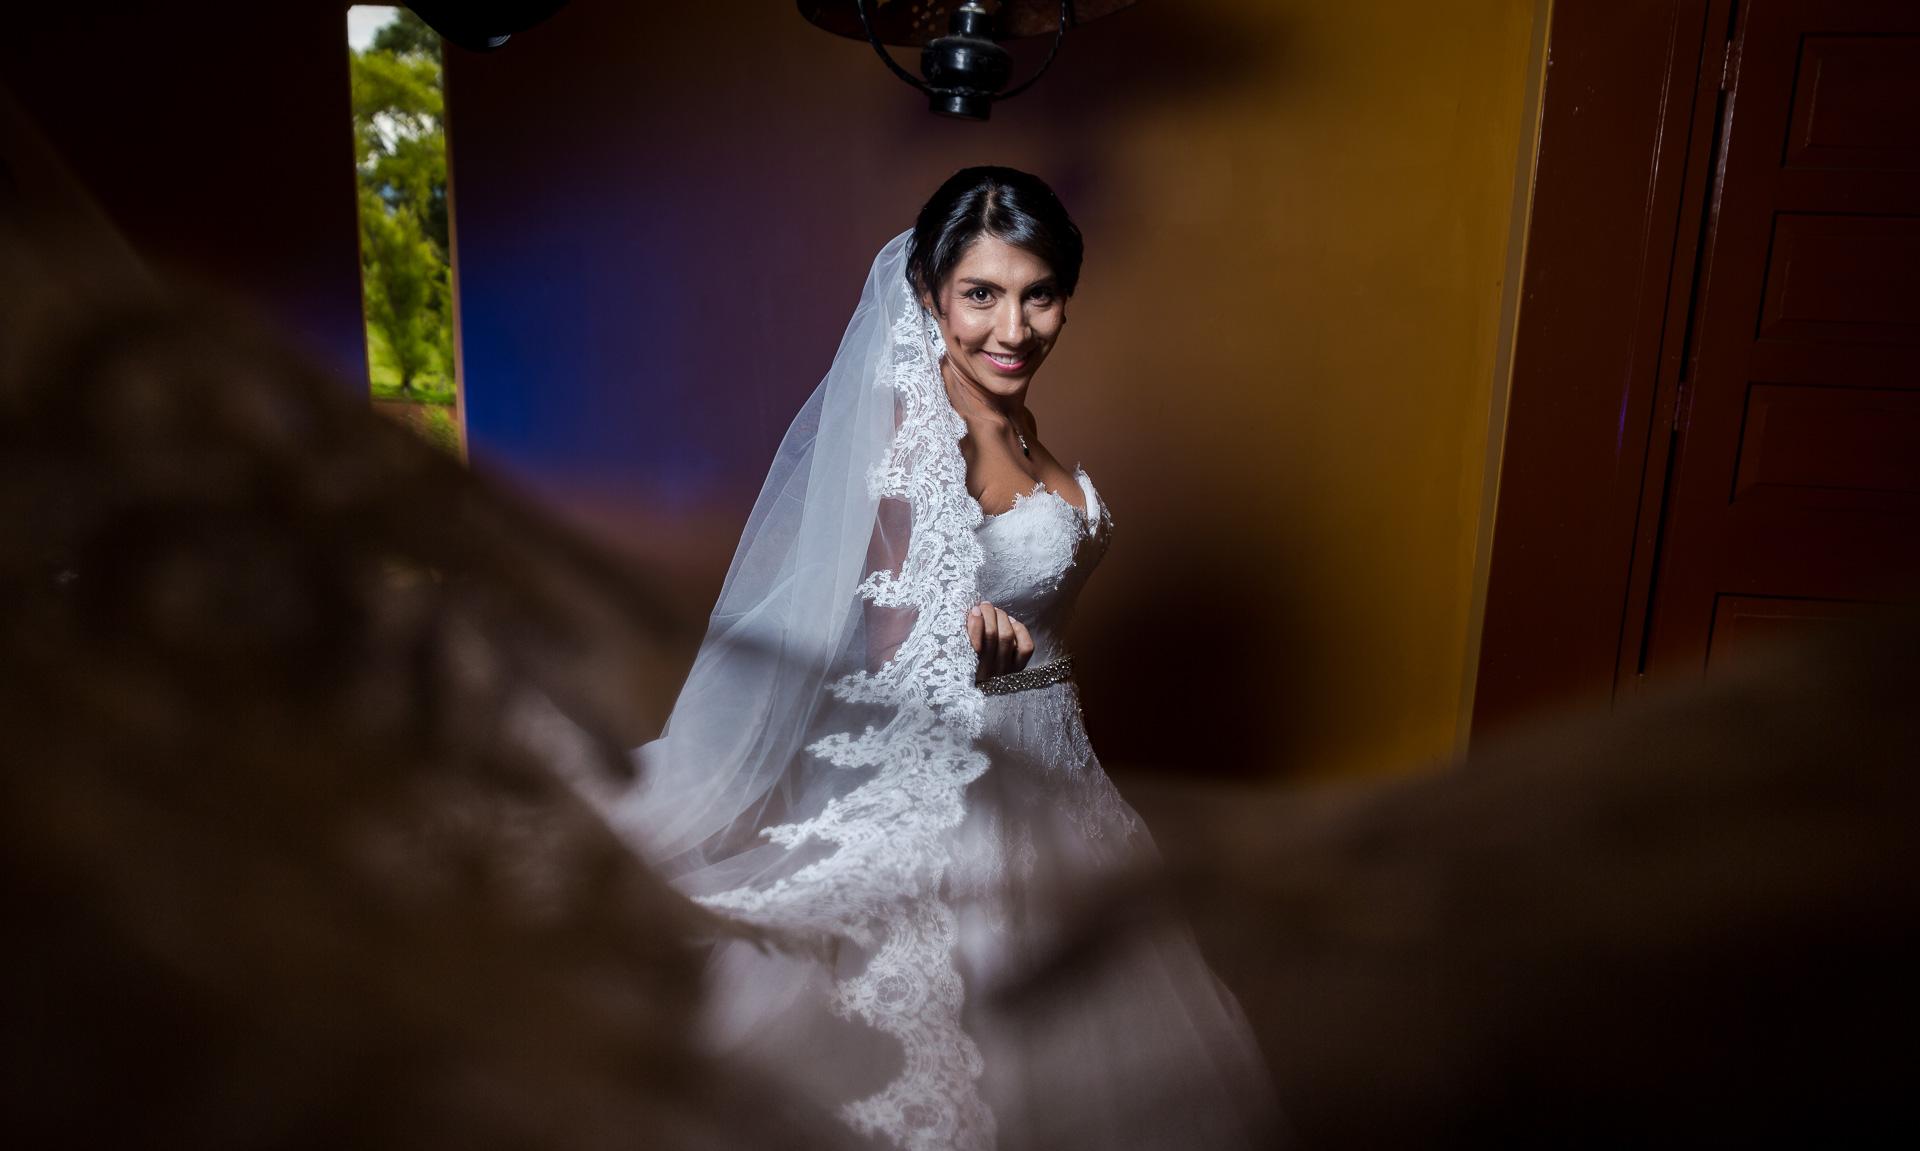 Fotógrafos-de-bodas-en-Colombia-Angela-y-Antonio-26 ANGELA Y ANTONIO